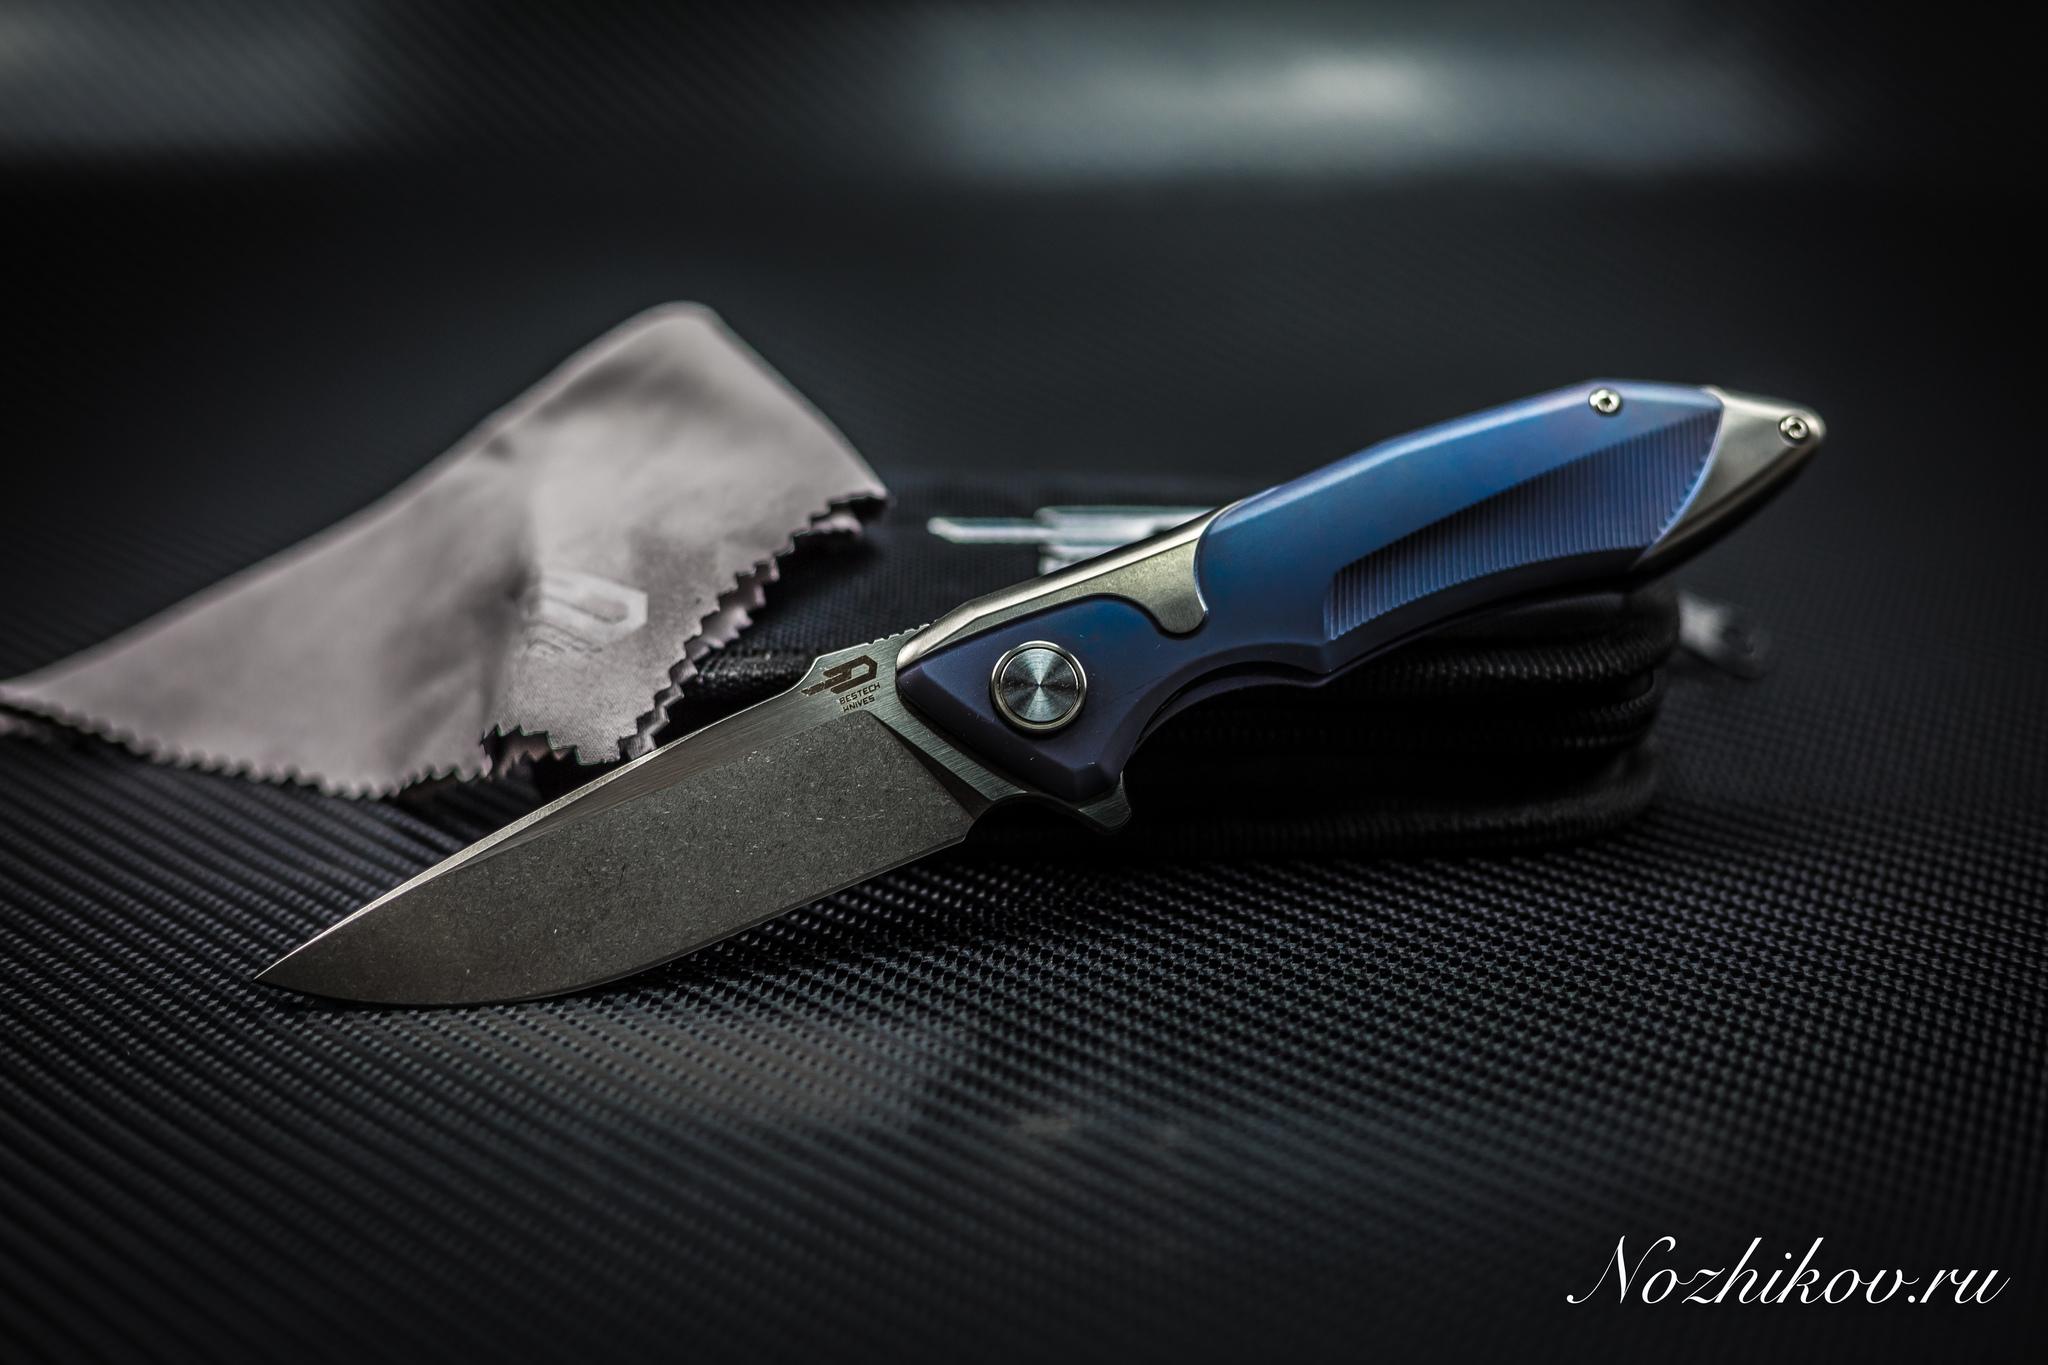 Складной нож  Bestech Starfighter BT1709B, сталь CPM-S35VN, рукоять титанРаскладные ножи<br>СКЛАДНОЙ НОЖ BESTECH KNIVES BT1709B производит впечатление вещи, в которой все продумано до мелочей и до мельчайших деталей. Возможно, именно эта модель станет началом вашей ножевой коллекции. Такой нож способен украсить собой гостиную или кабинет руководителя. Станете ли вы носить ее в кармане делового костюма или поместите на коллекционный ложемент - решаете только вы. Нержавеющая сталь наряду с высокой защитой от коррозии обладает повышенным уровнем износостойкости и устойчивостью к высоким температурам. Клинок из этой стали отлично работает в условиях пониженных температур и в условиях с высокой влажностью. Рукоять ножа выполнена из титанового сплава. Помимо высокотехнологичных материалов, нож обладает универсальной геометрией и продуманной эргономикой, которая обеспечивает уверенную фиксацию в руке прямым и обратным хватом.<br>